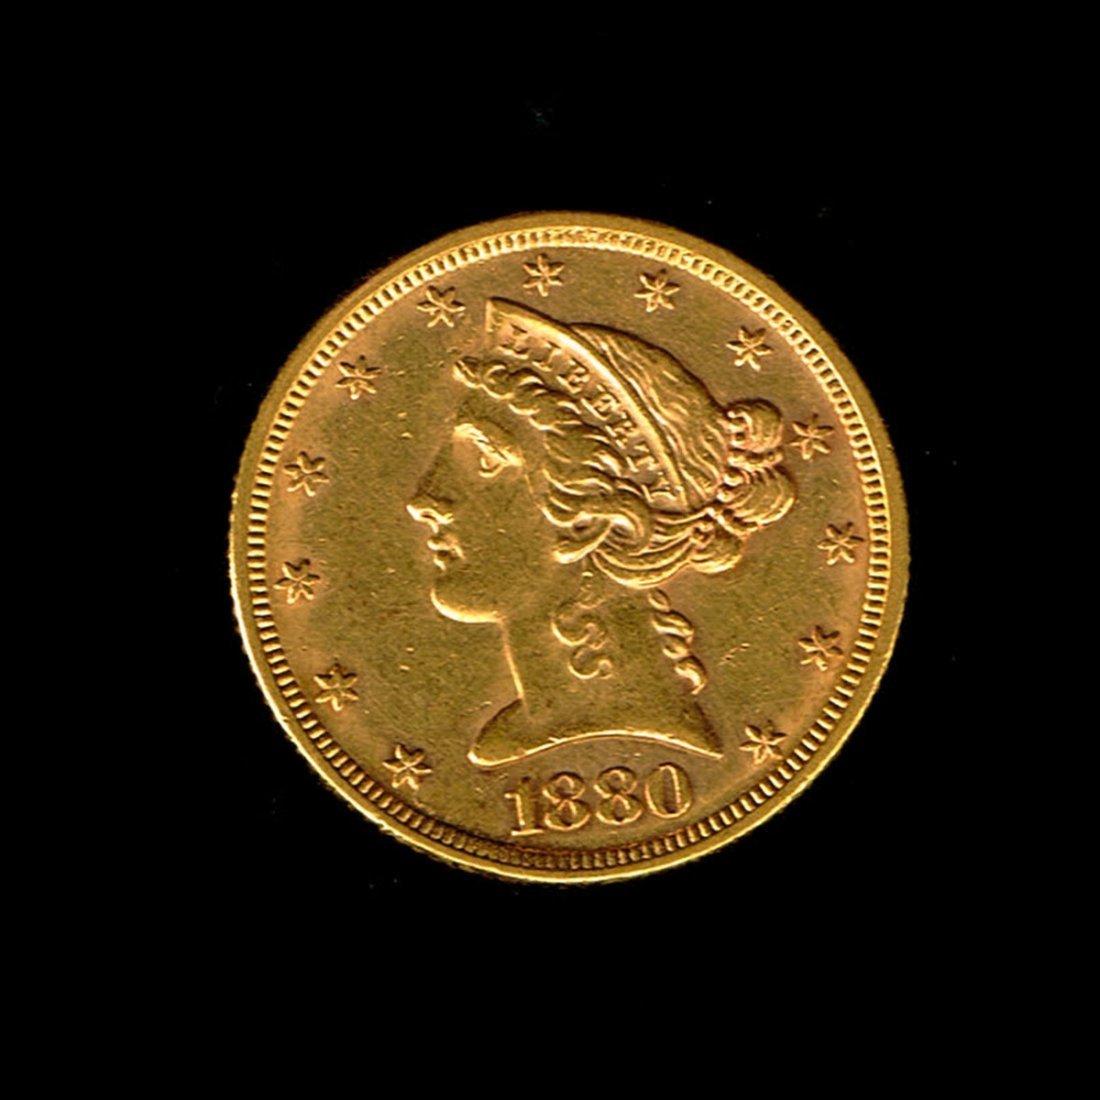 Liberty 5 Dollar Gold Coin, 1880.